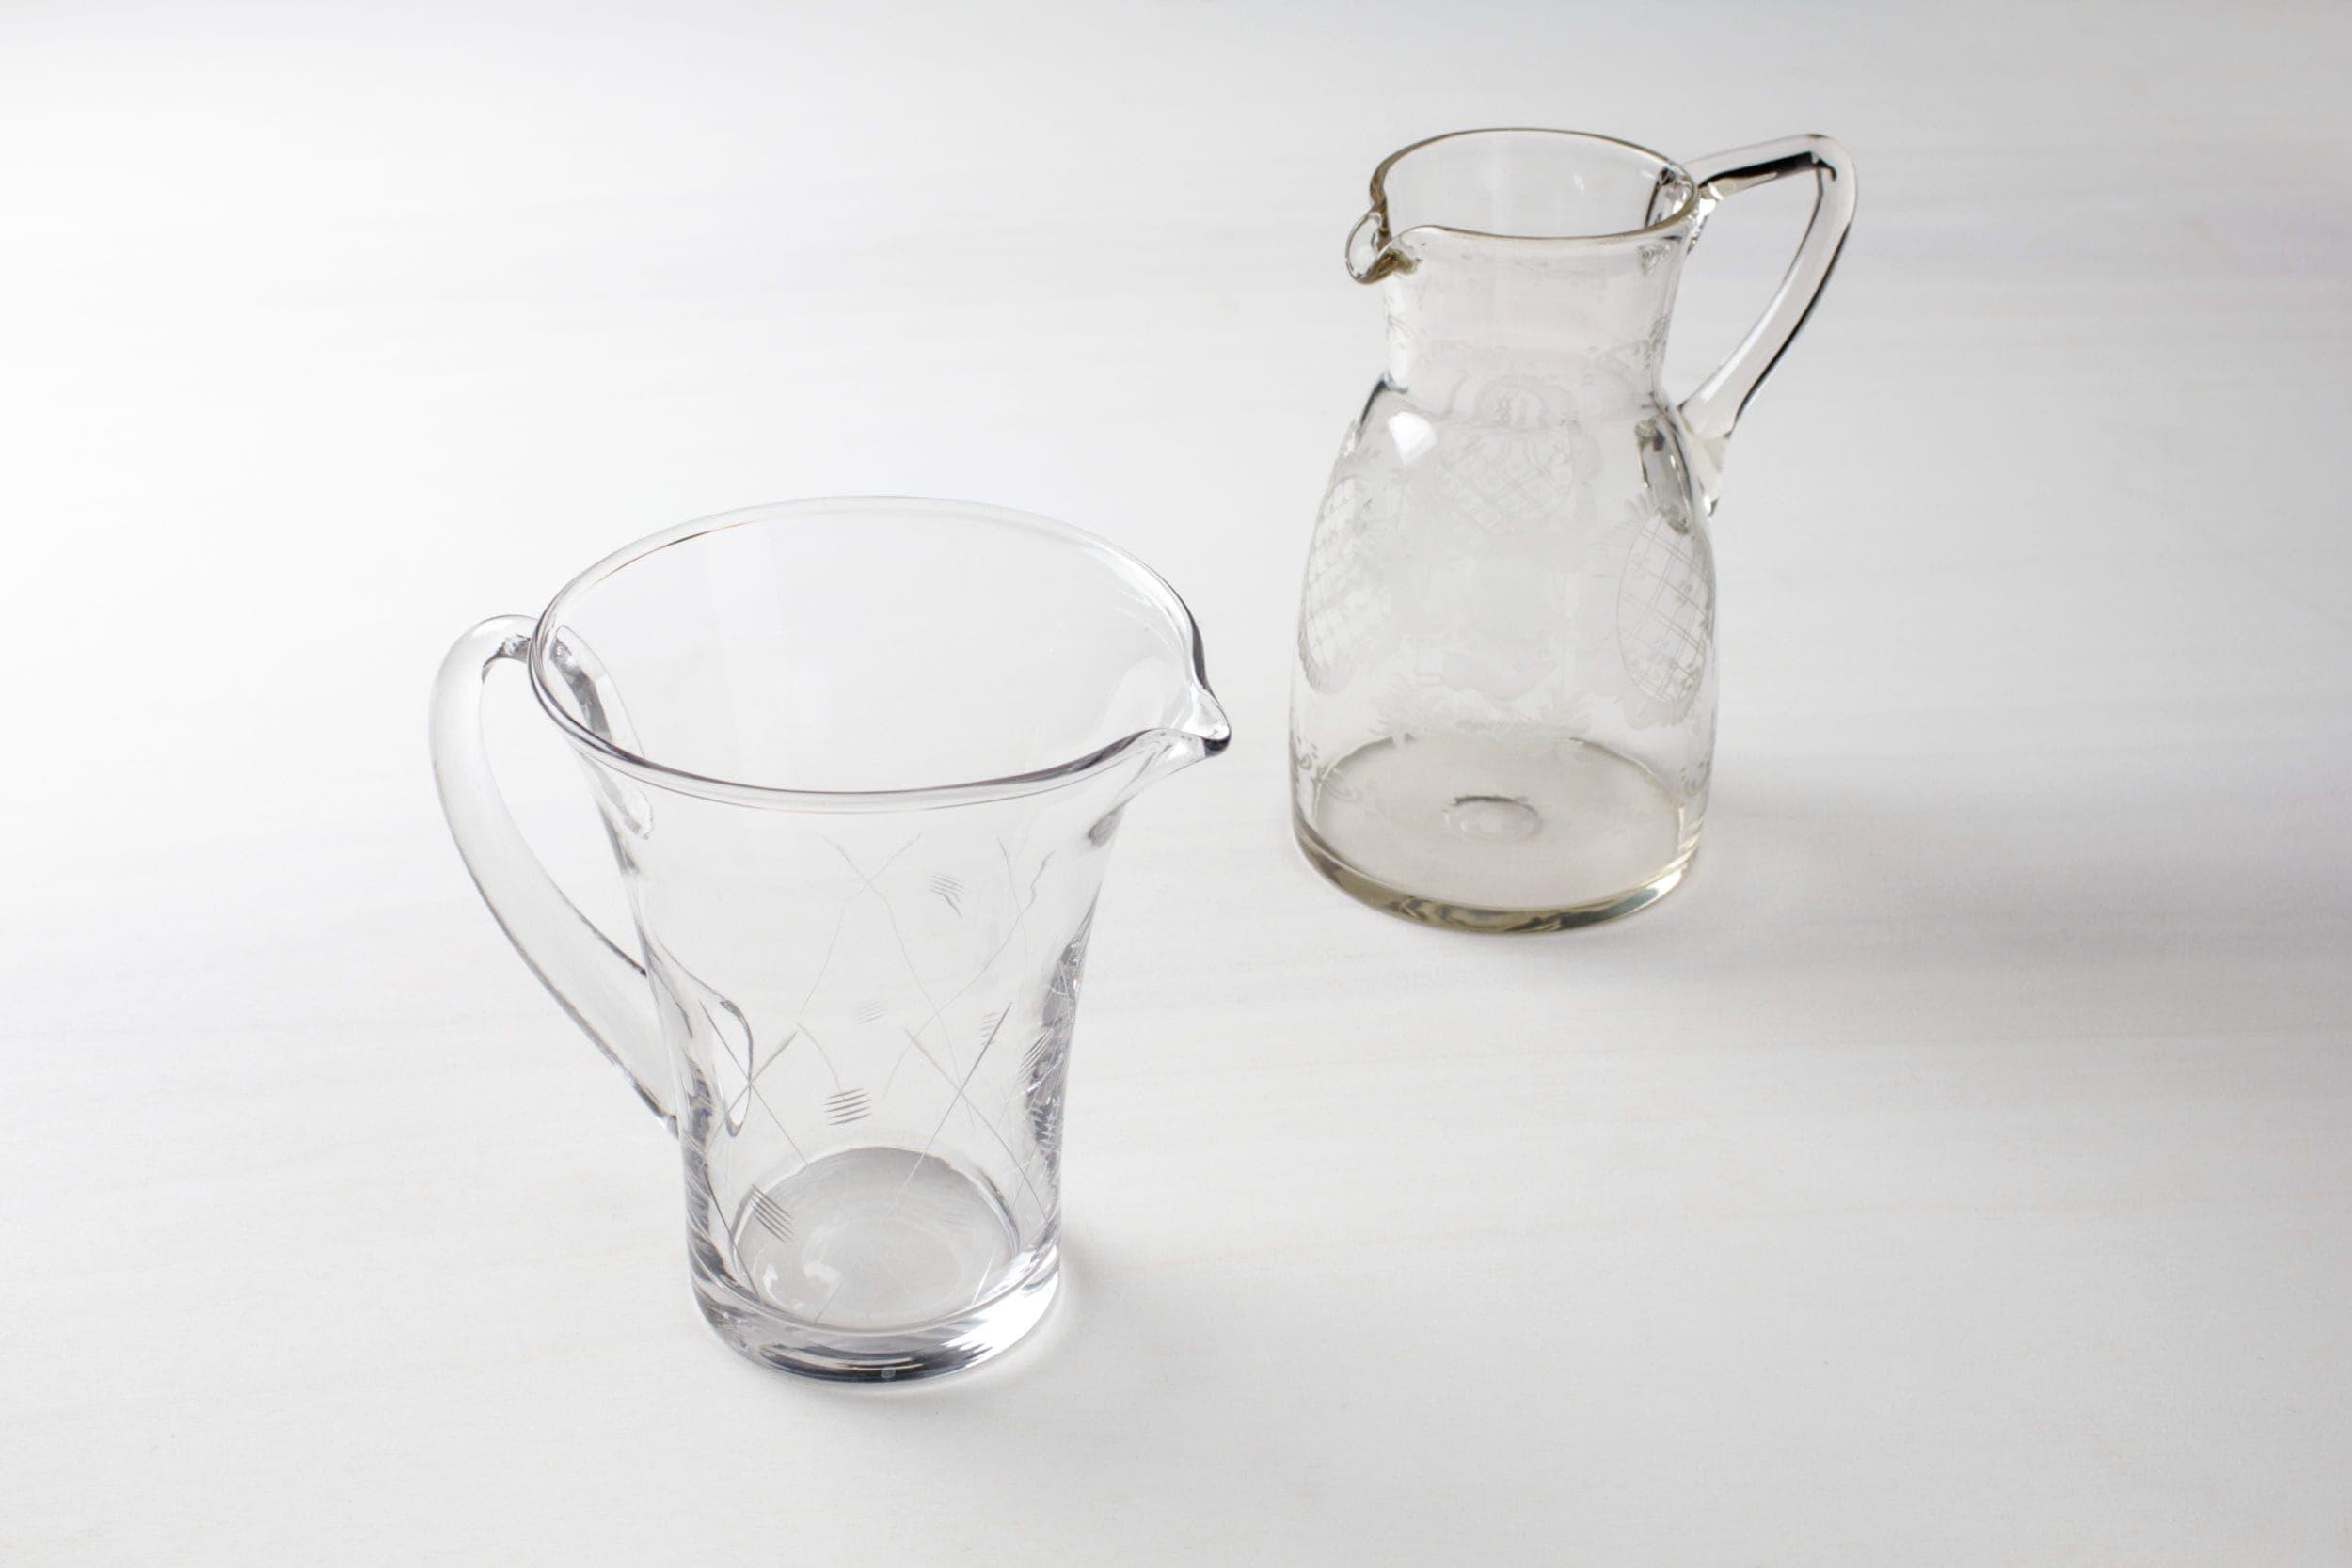 Vintage Vasen mieten, Berlin